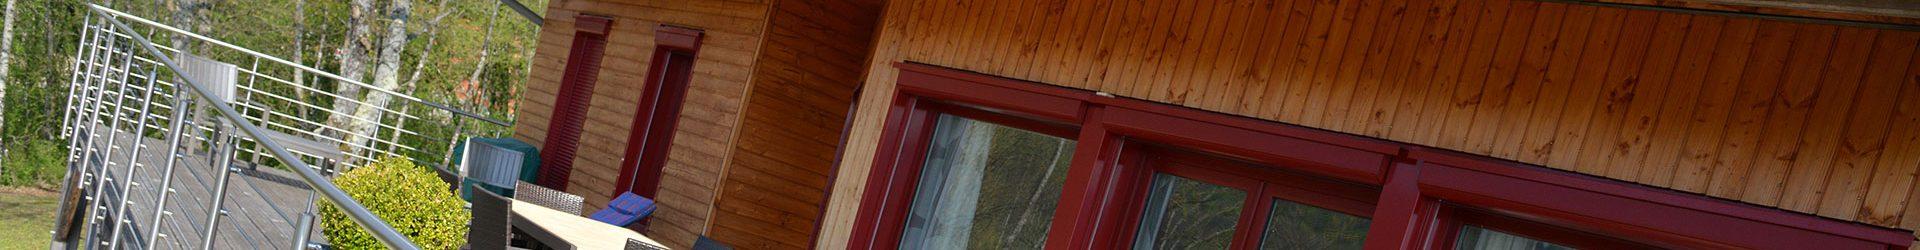 pohto d'une construction en bois réalisé par les charpentiers montbardois